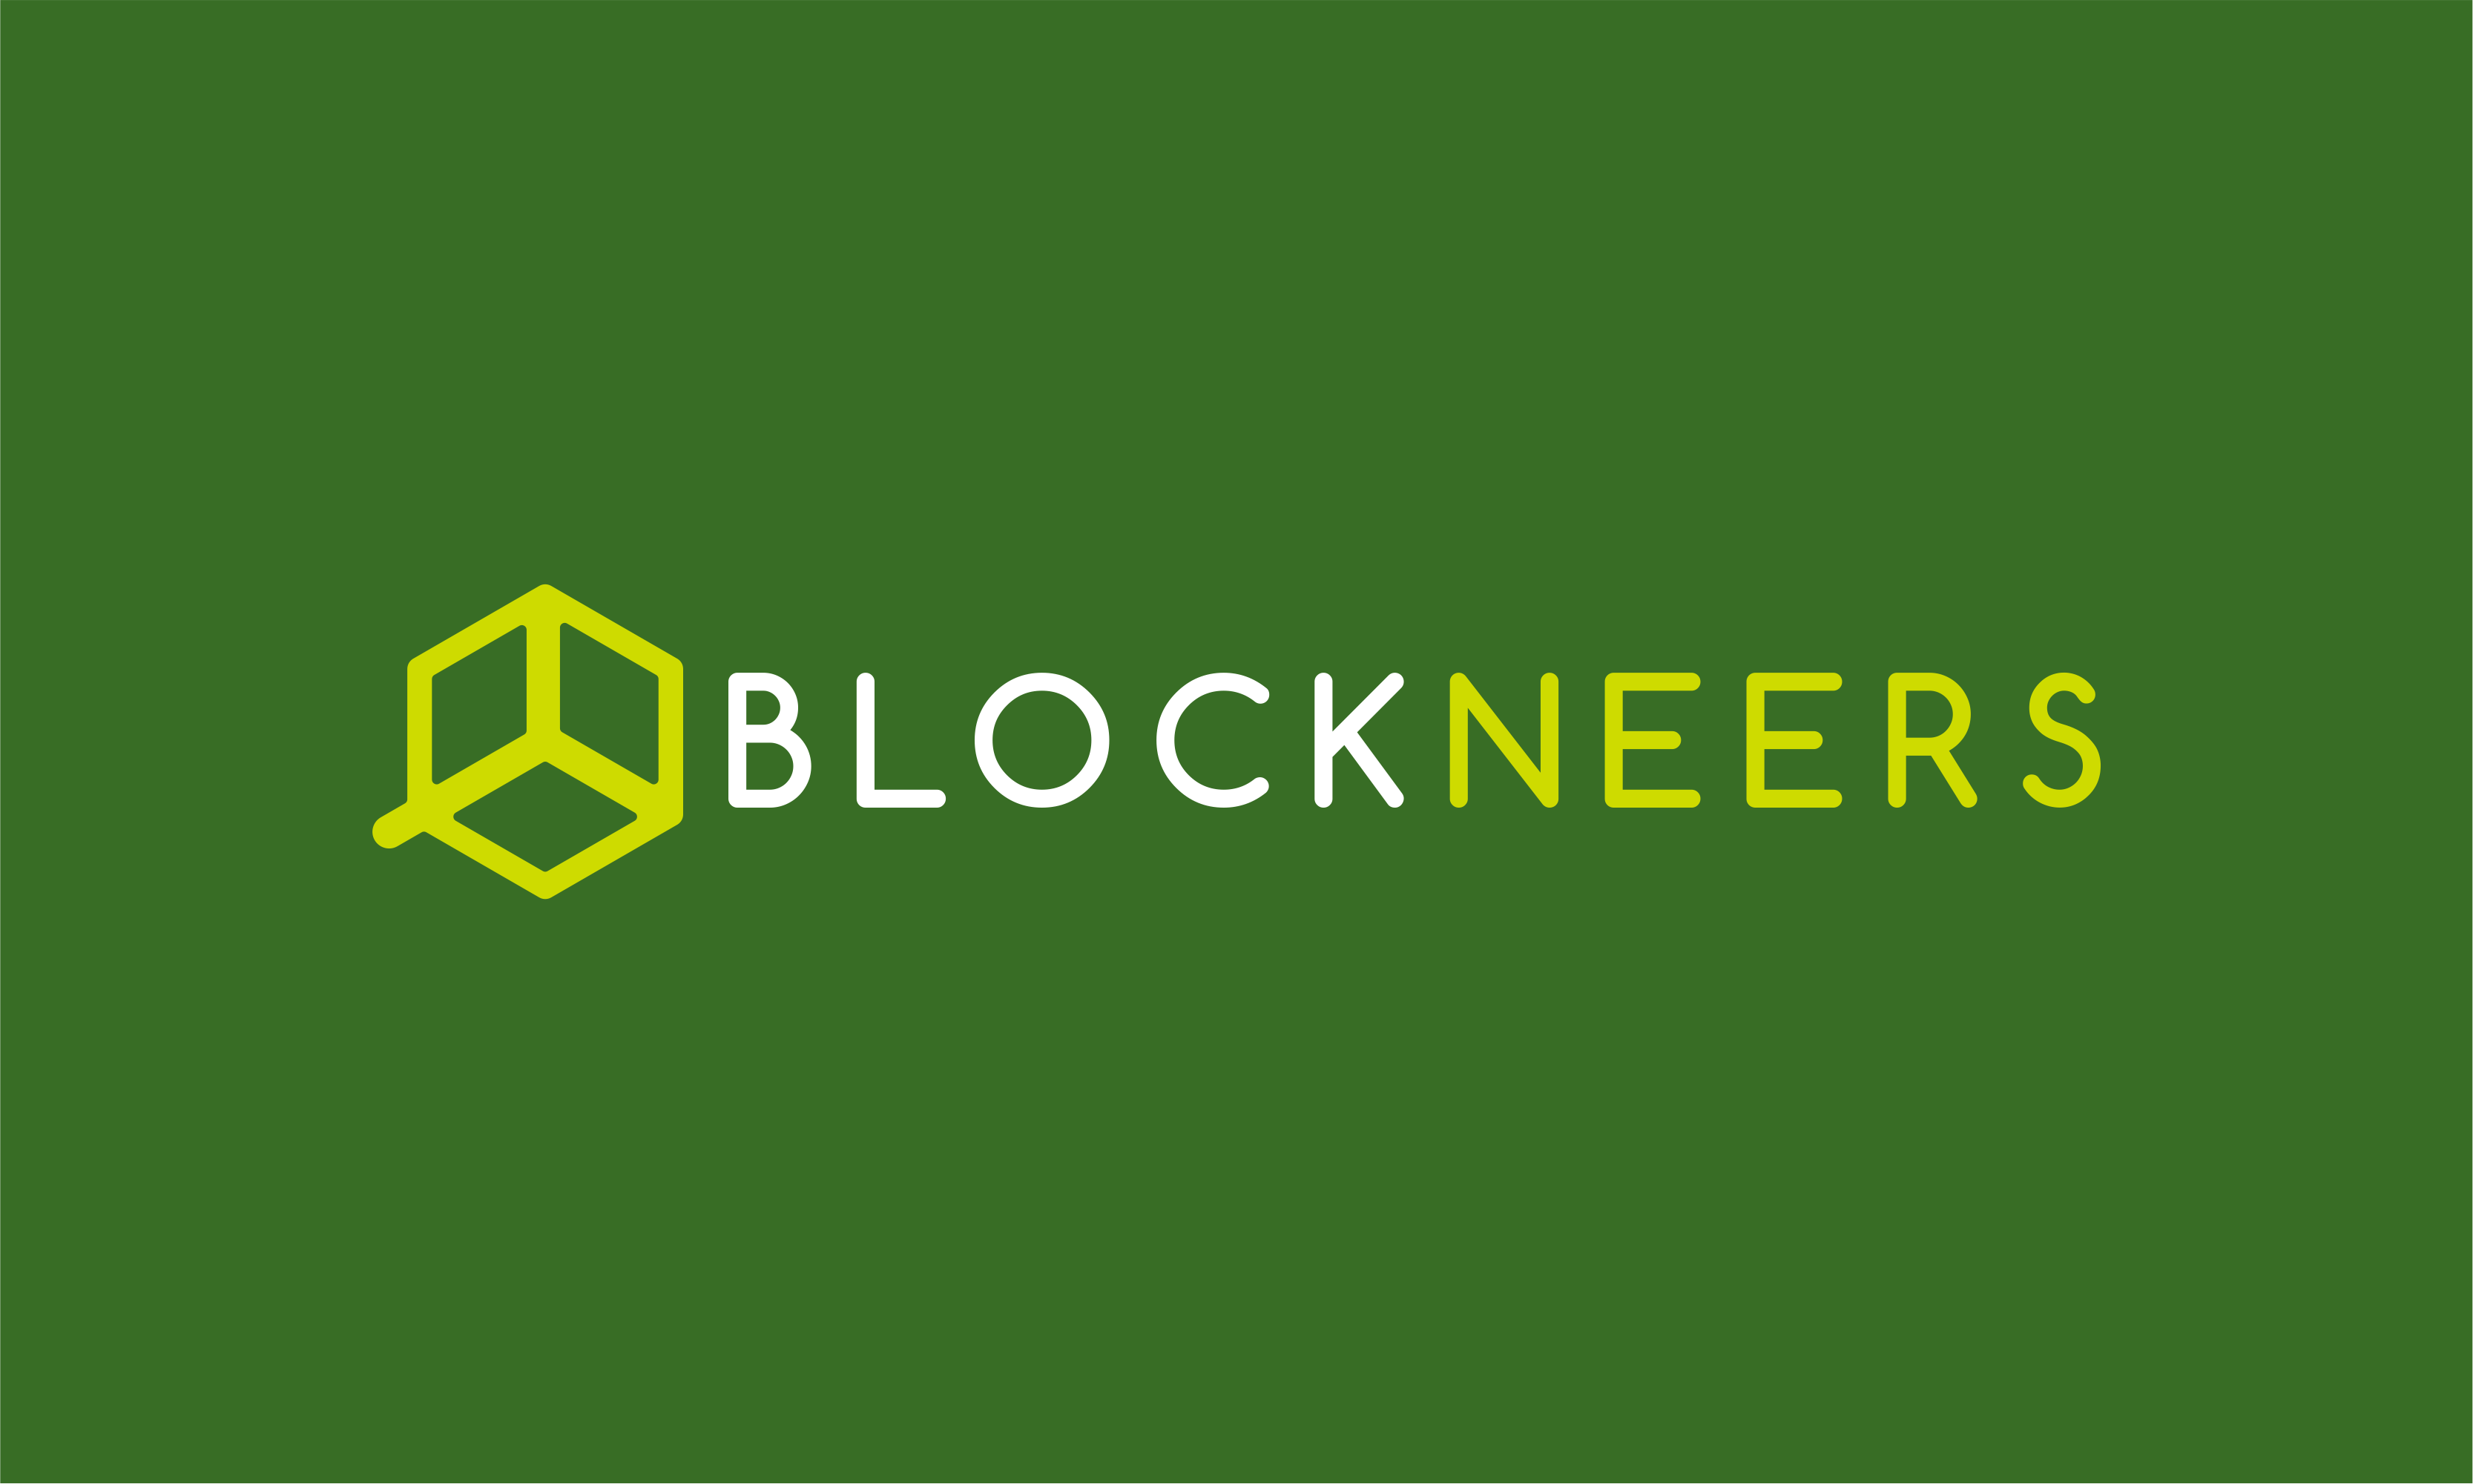 Blockneers